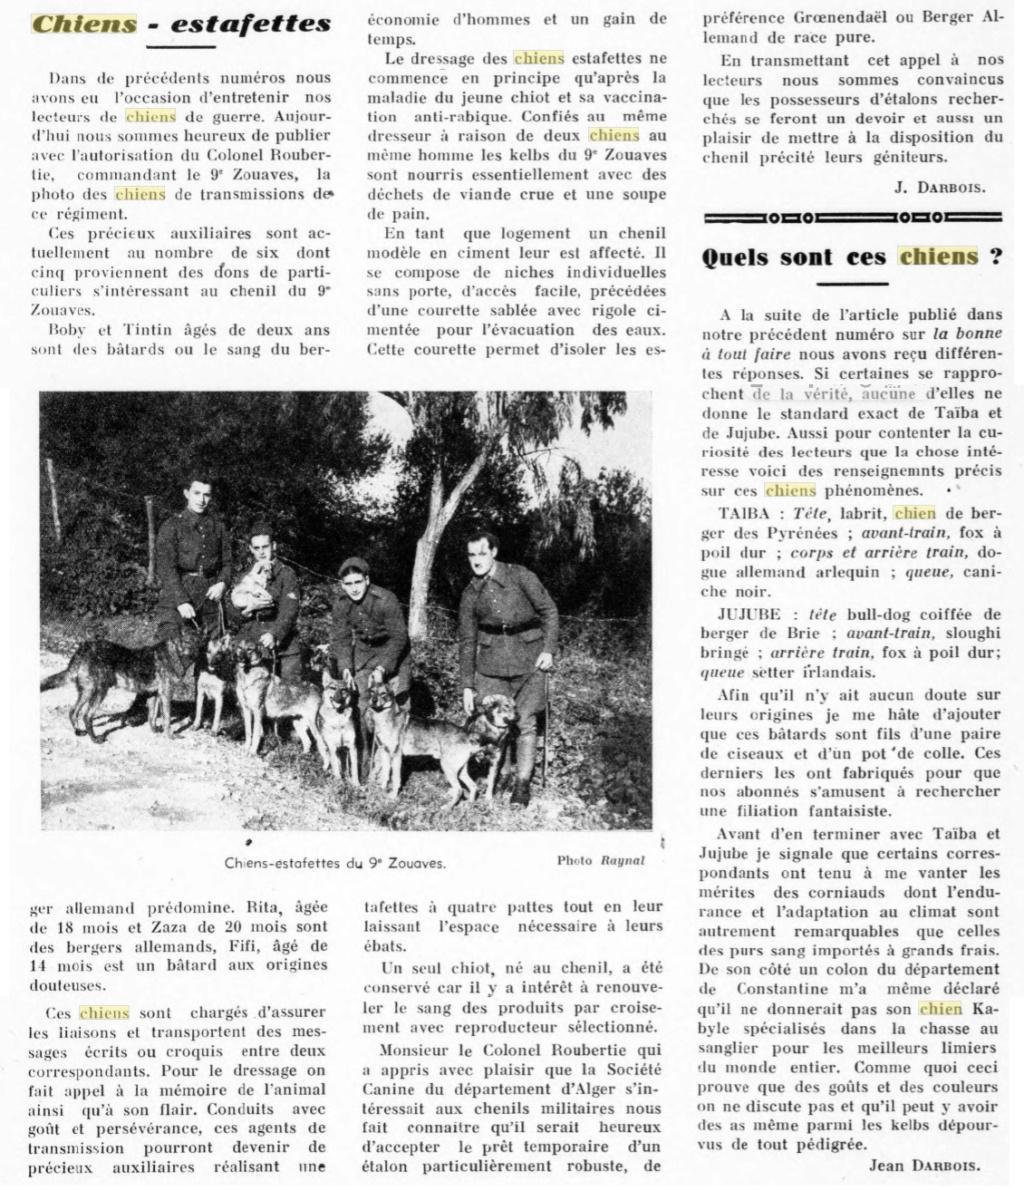 Les chiens dans l'armée française - Page 2 19380212